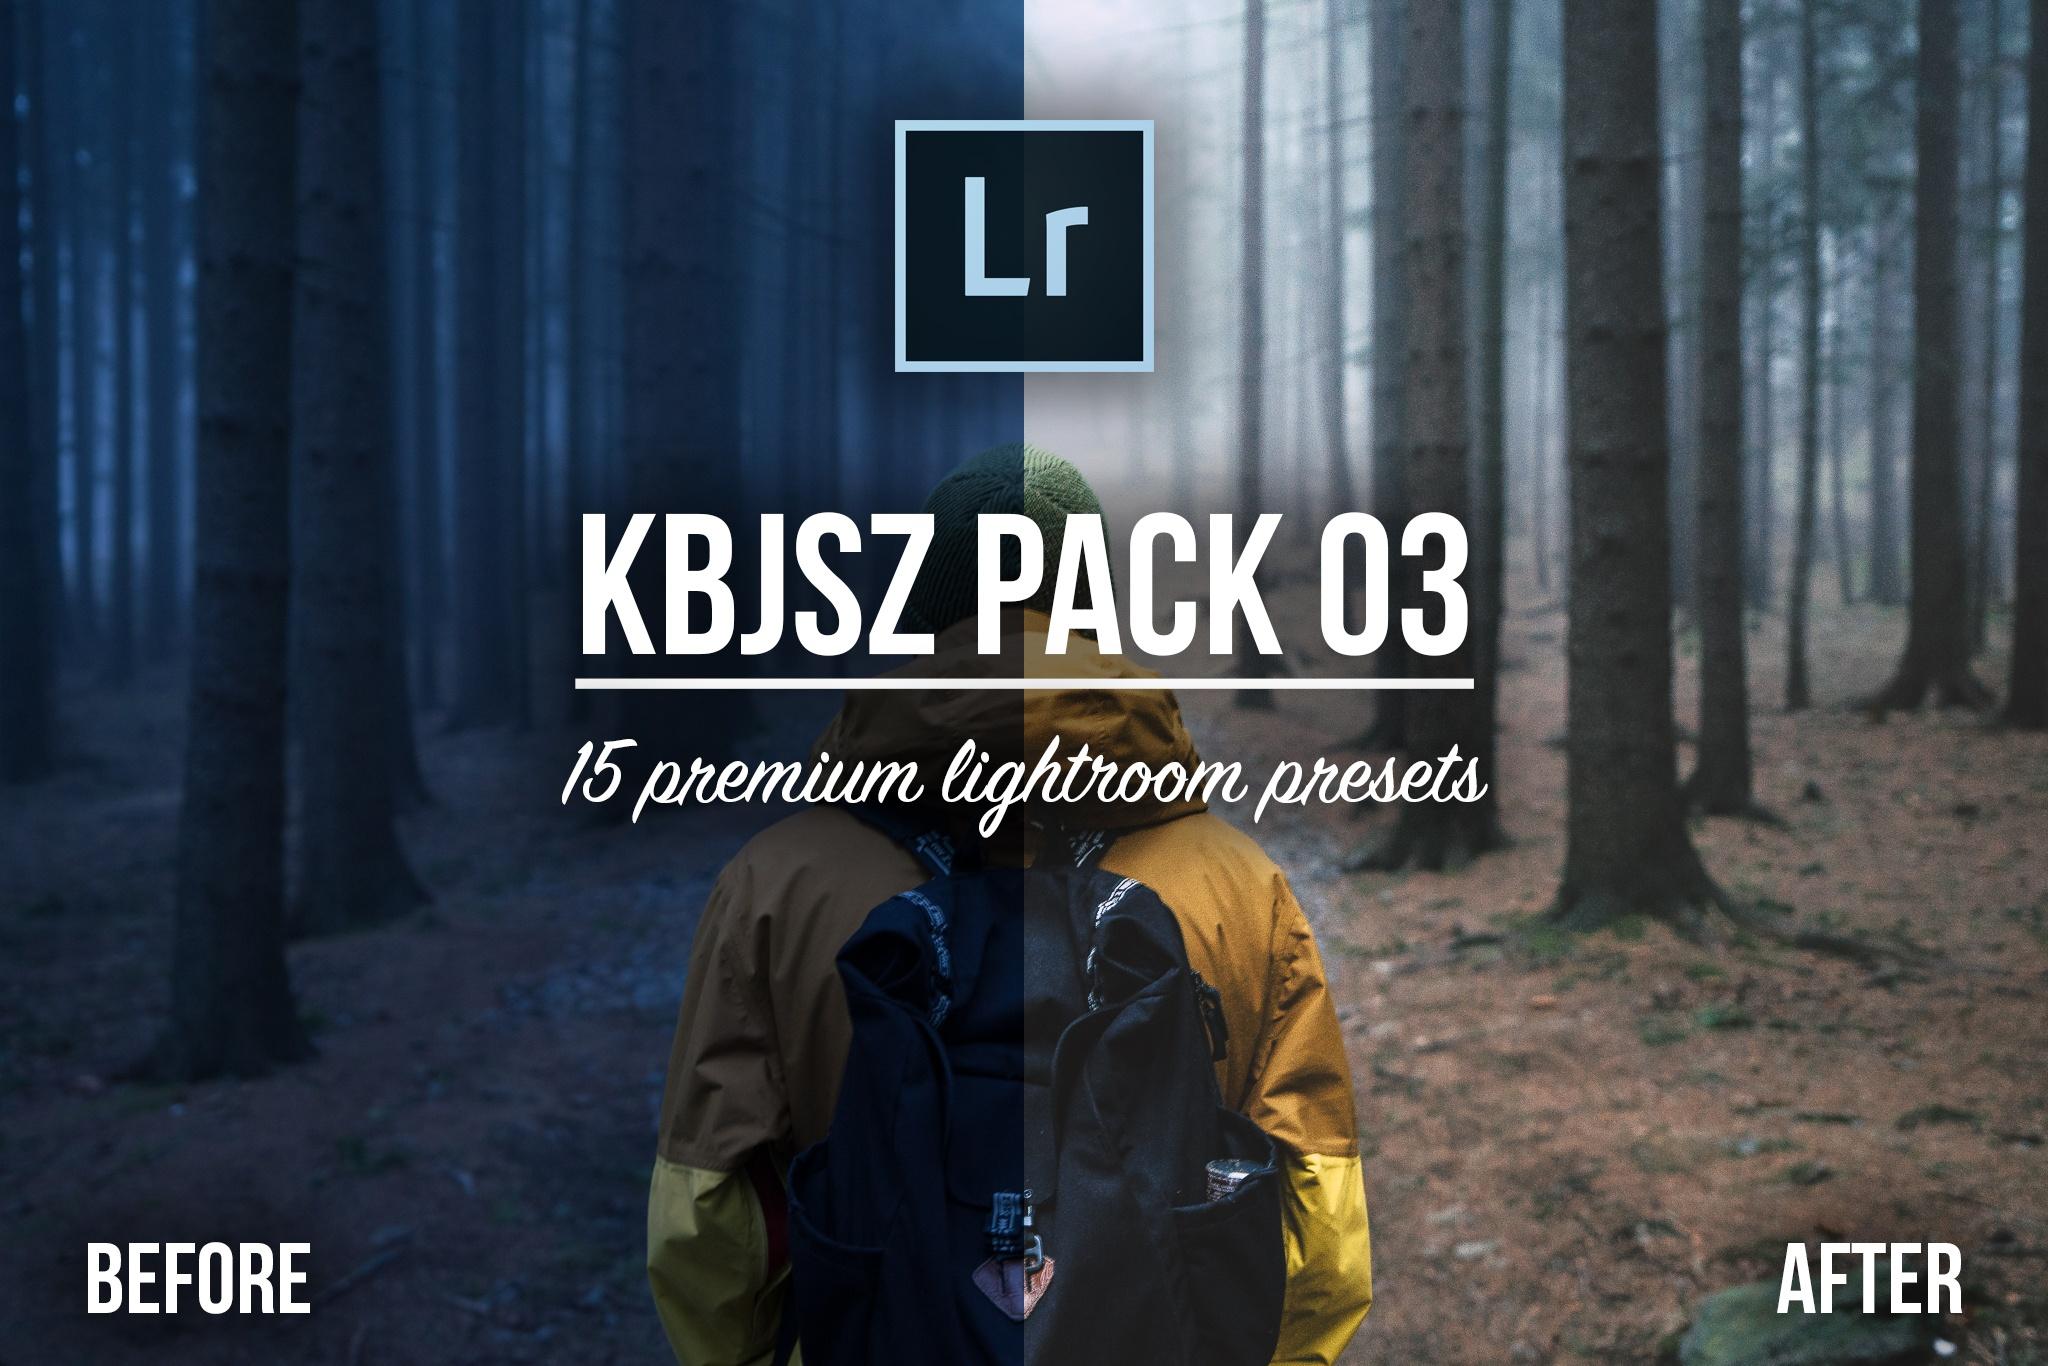 KBJSZ pack 03 - 15 premium lightroom presets